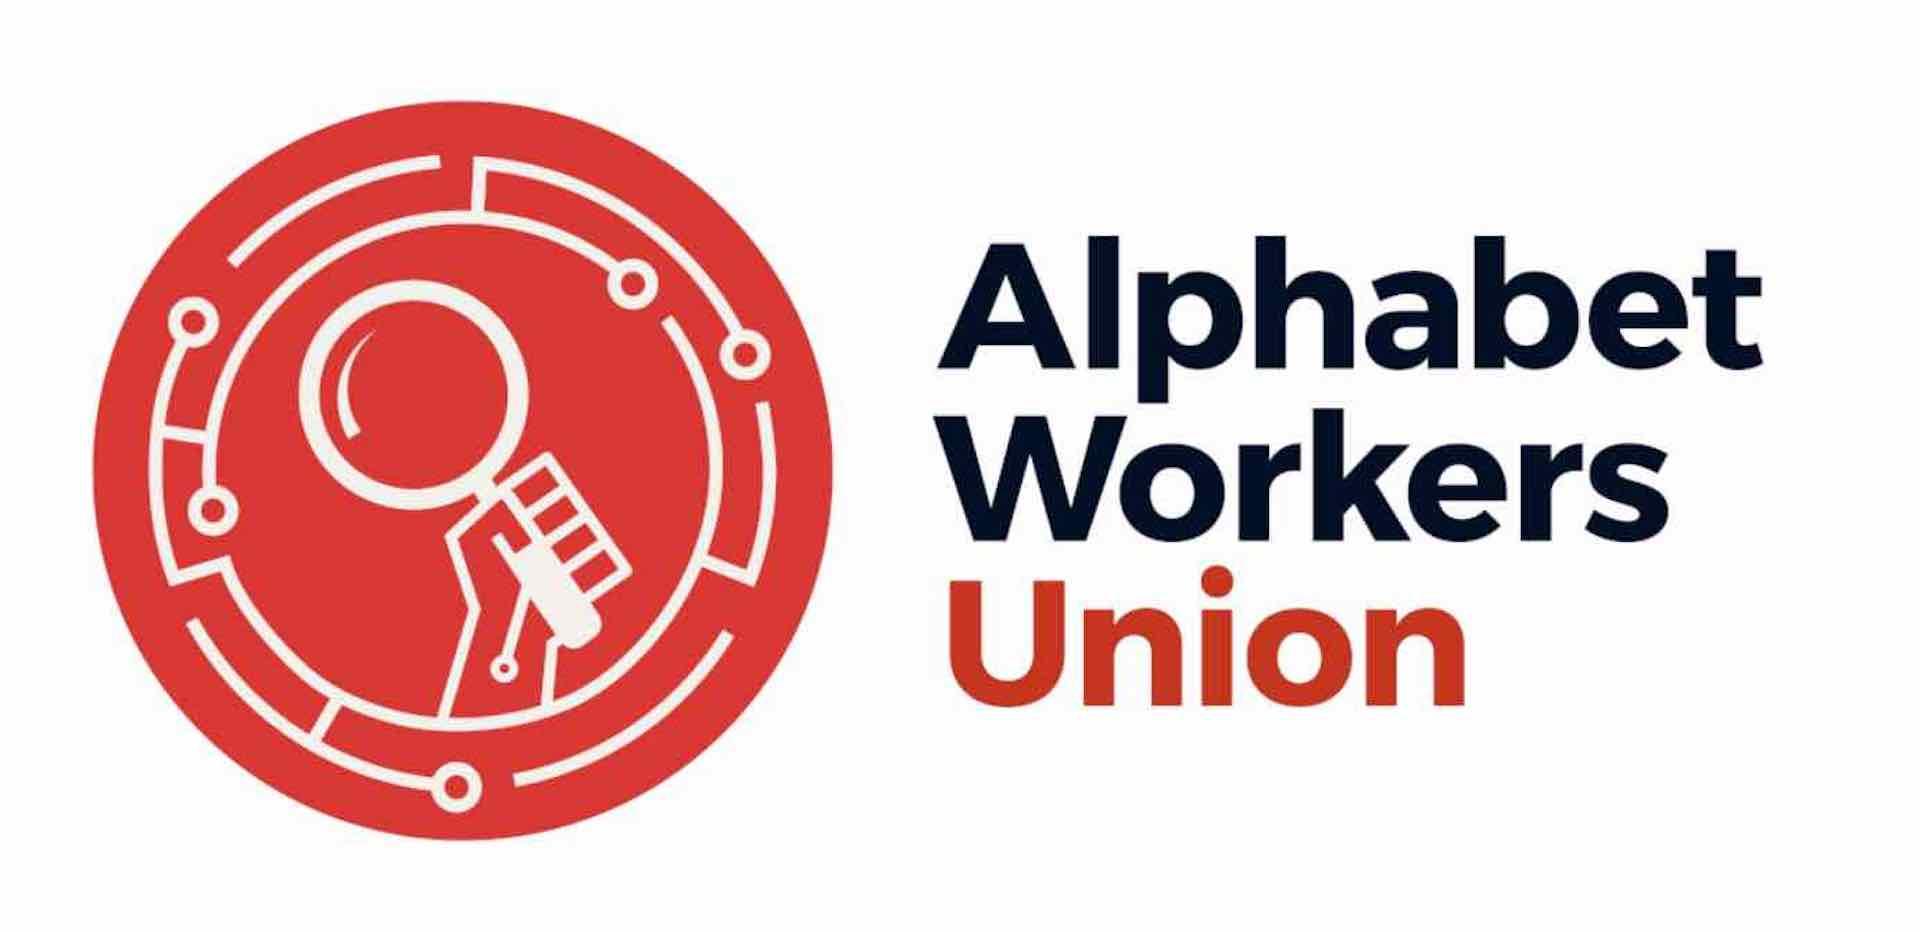 Aperçu du logo du syndicat.